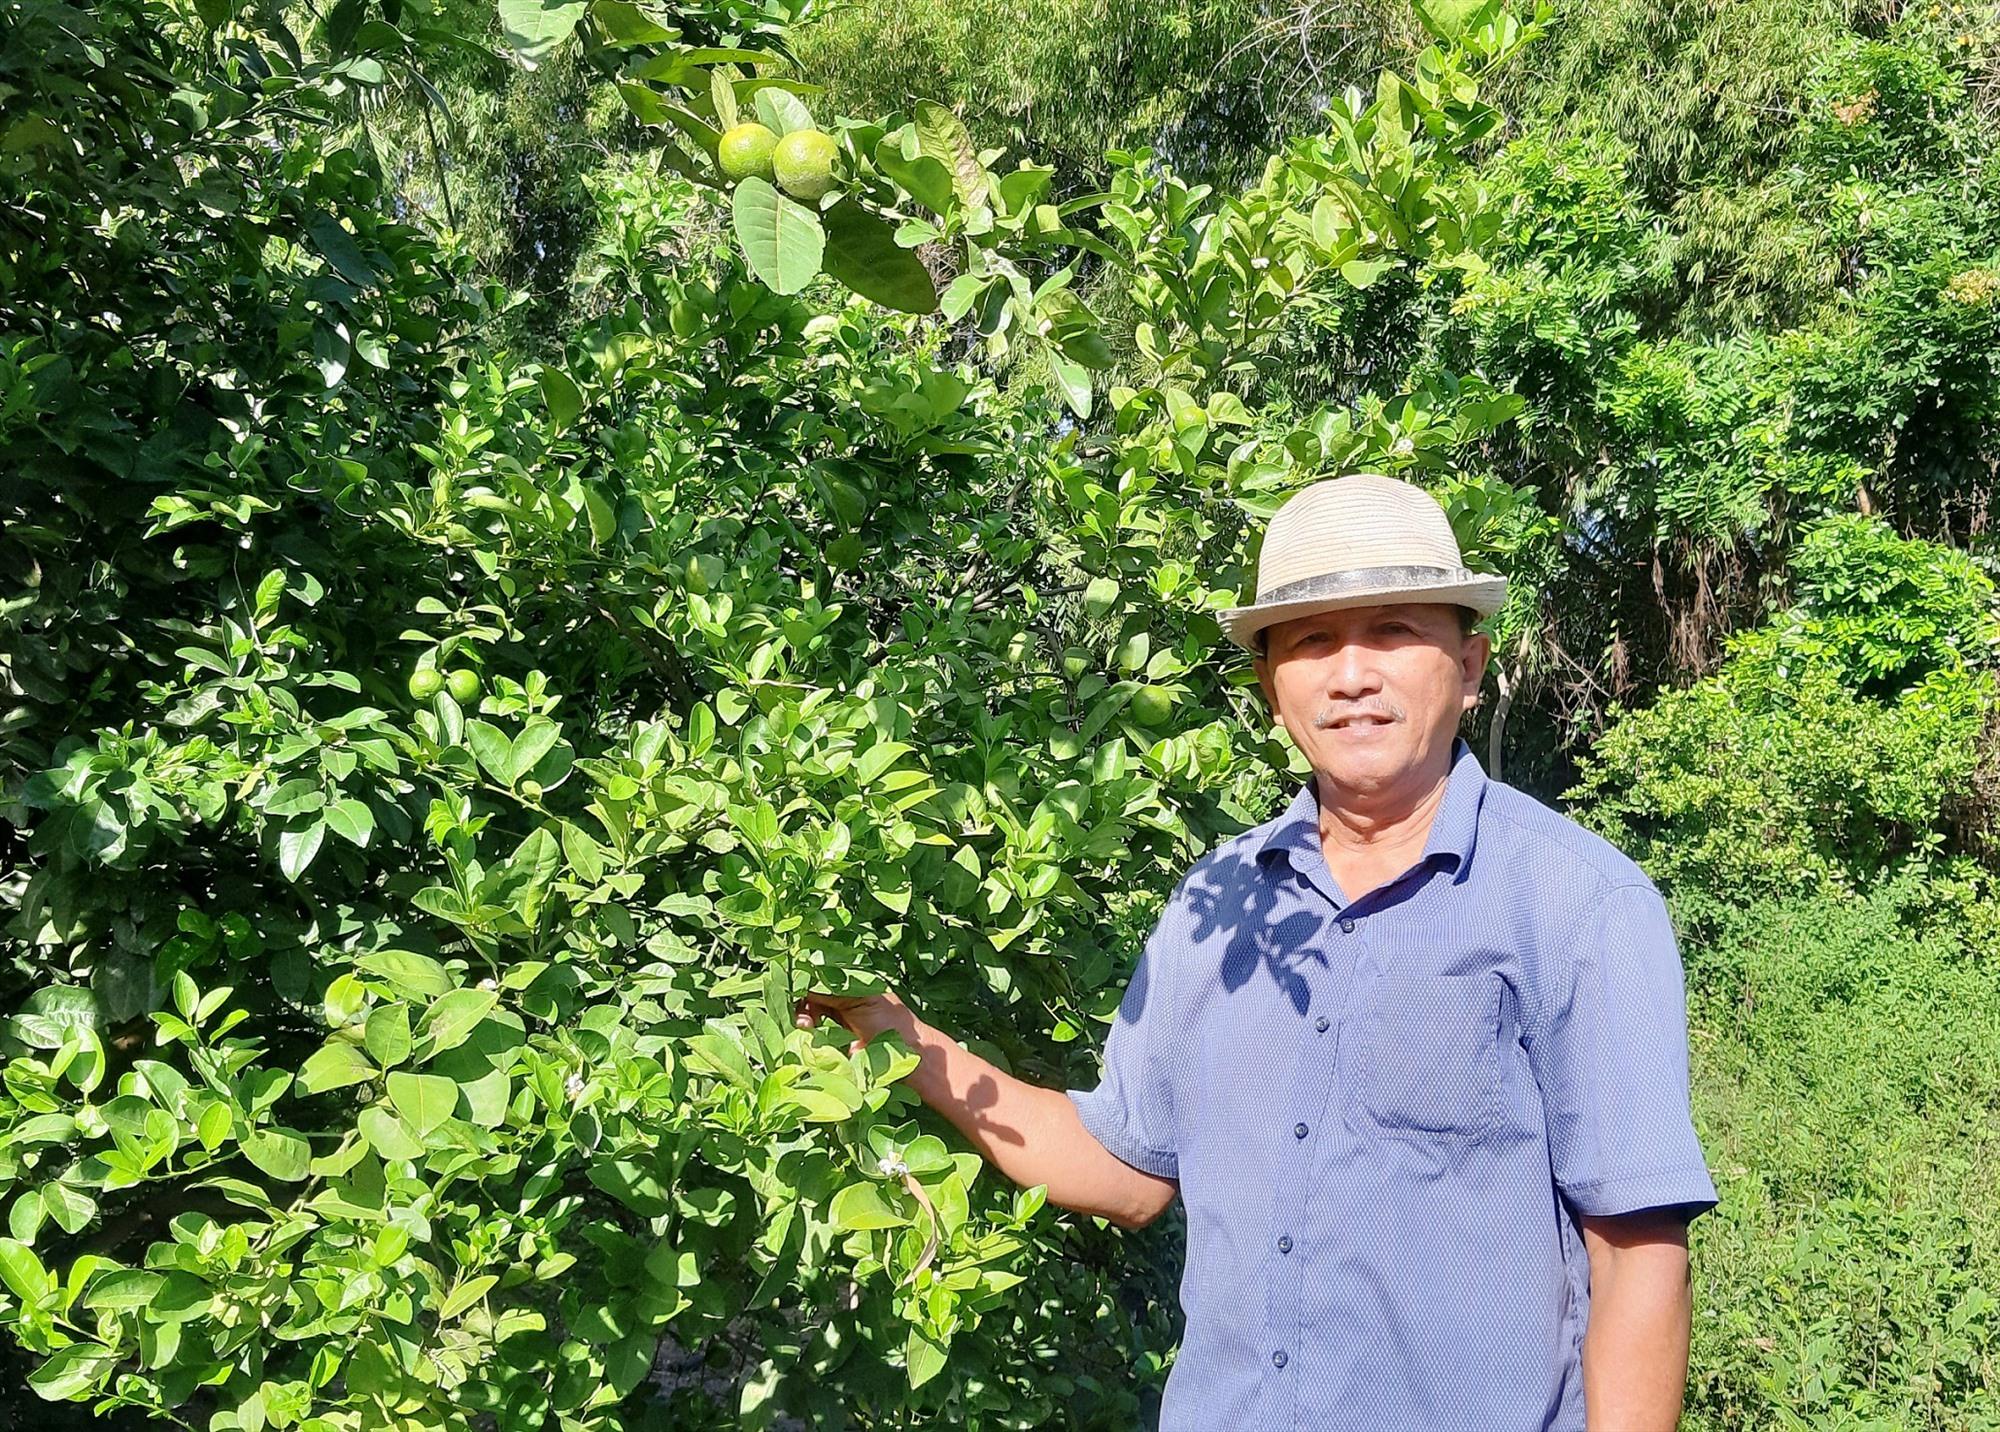 Nhiều mô hình vườn mẫu trồng các loại cây ăn quả, rau đậu và hoa cây cảnh ở Duy Xuyên cho hiệu quả kinh tế cao. Ảnh: T.S